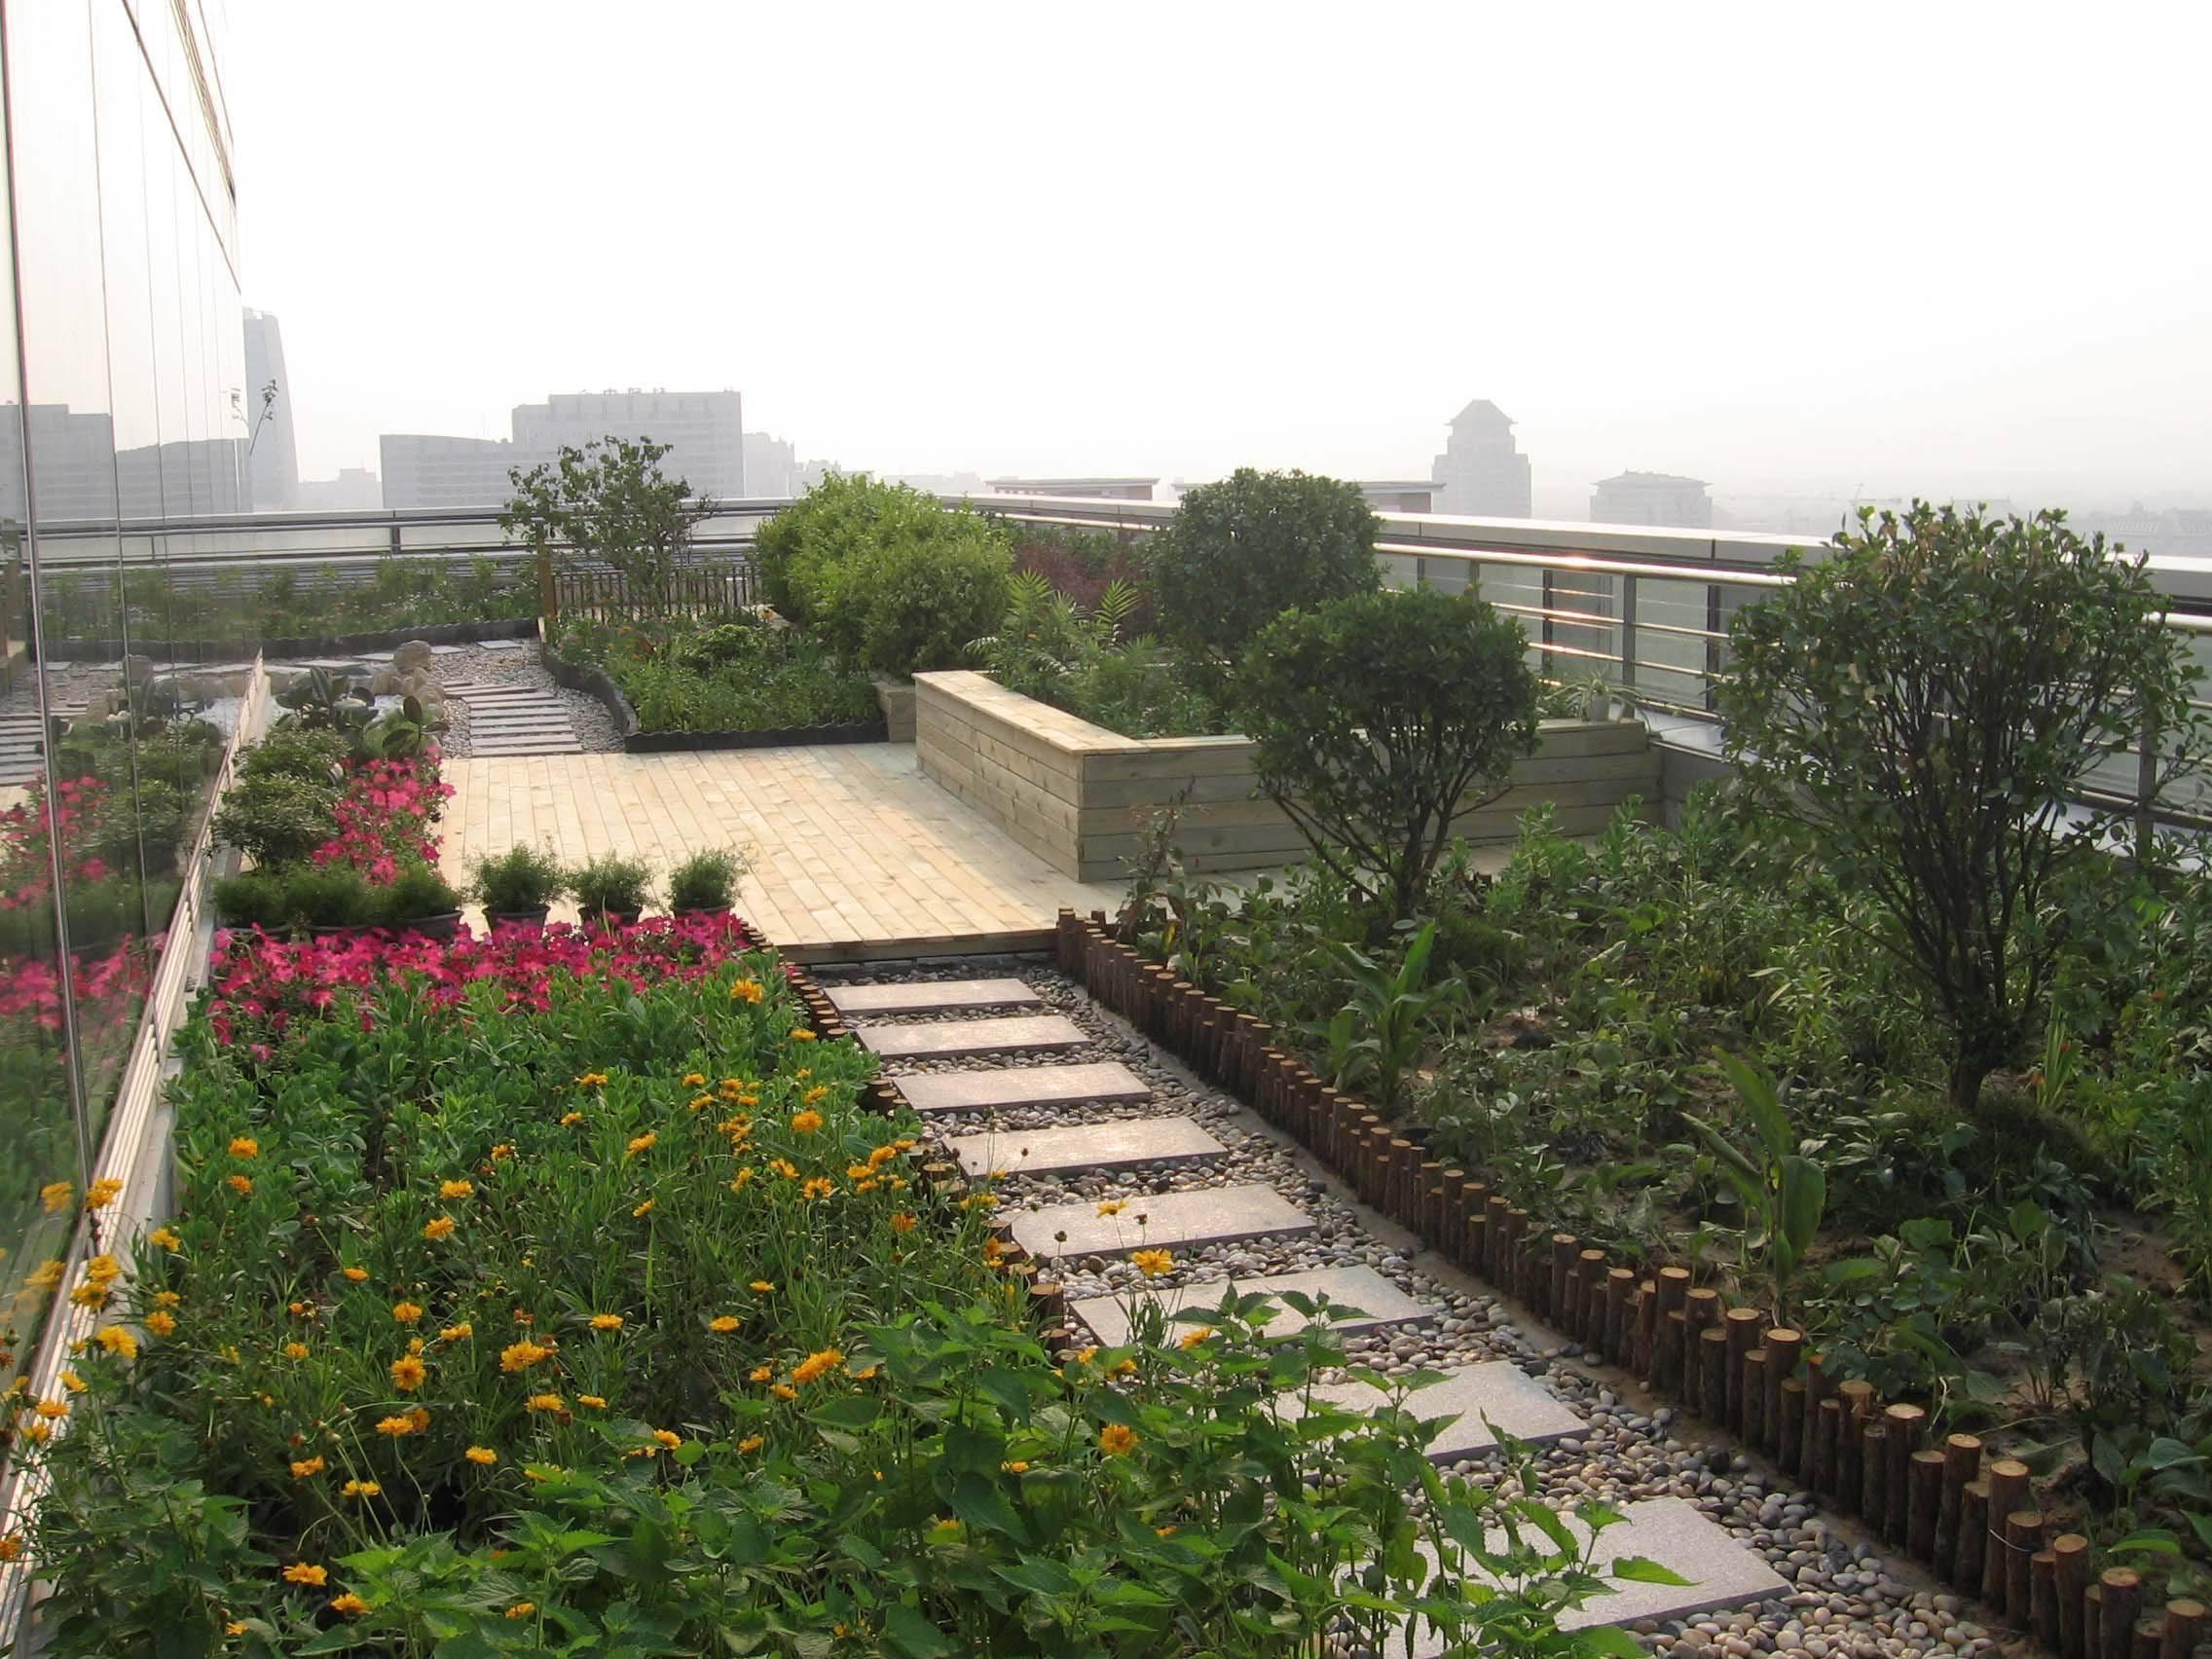 屋顶花园设计,庭院水景设计,别墅庭院绿化,室内水景设计,玻璃水幕墙